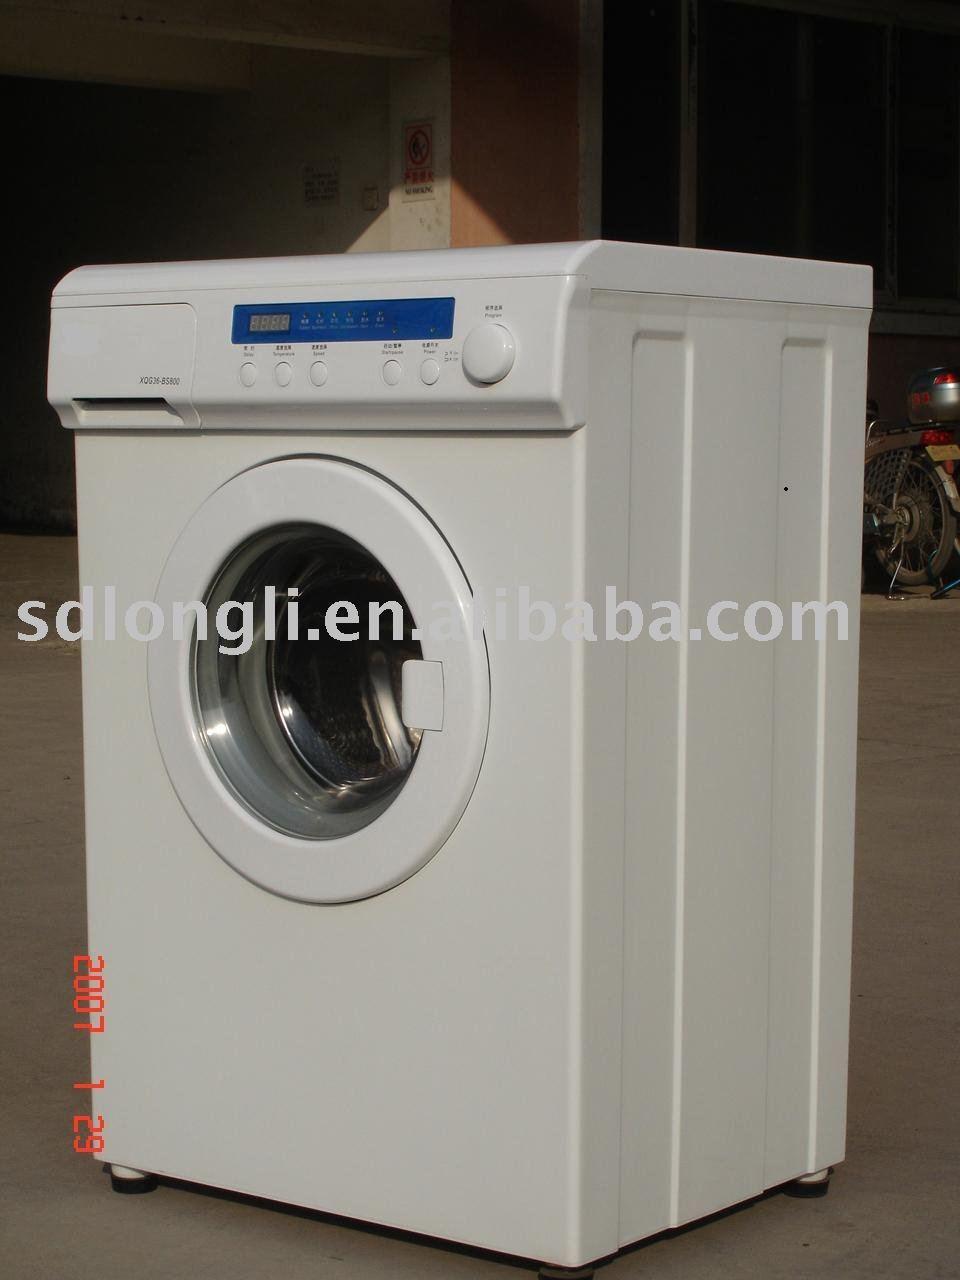 mini lavatrice portatile